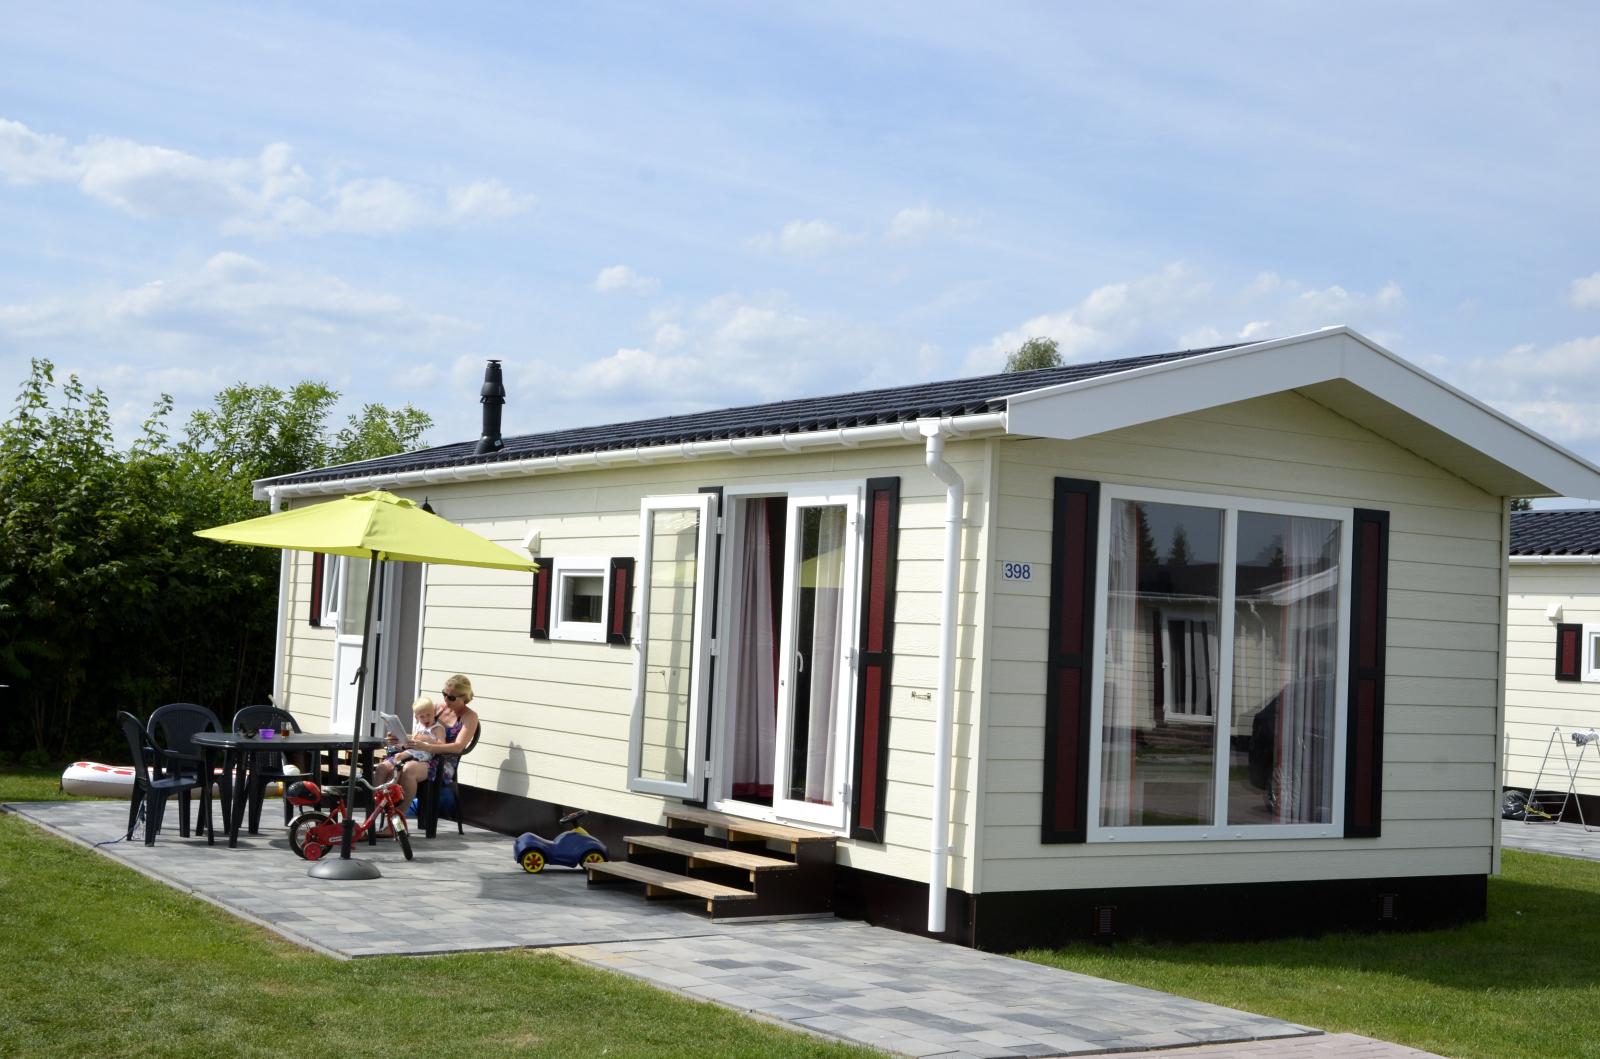 Mobilheim Kaufen Ijsselstrand : Personen chalets auf camping ijsselstrand ihre